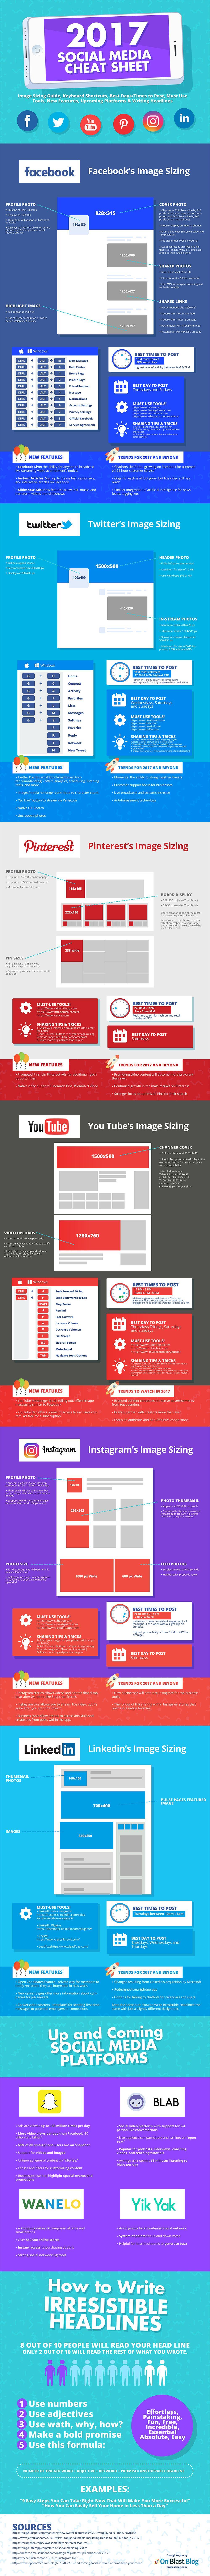 Infographic: Social Media Cheat Sheet For 2017 - DesignTAXI.com